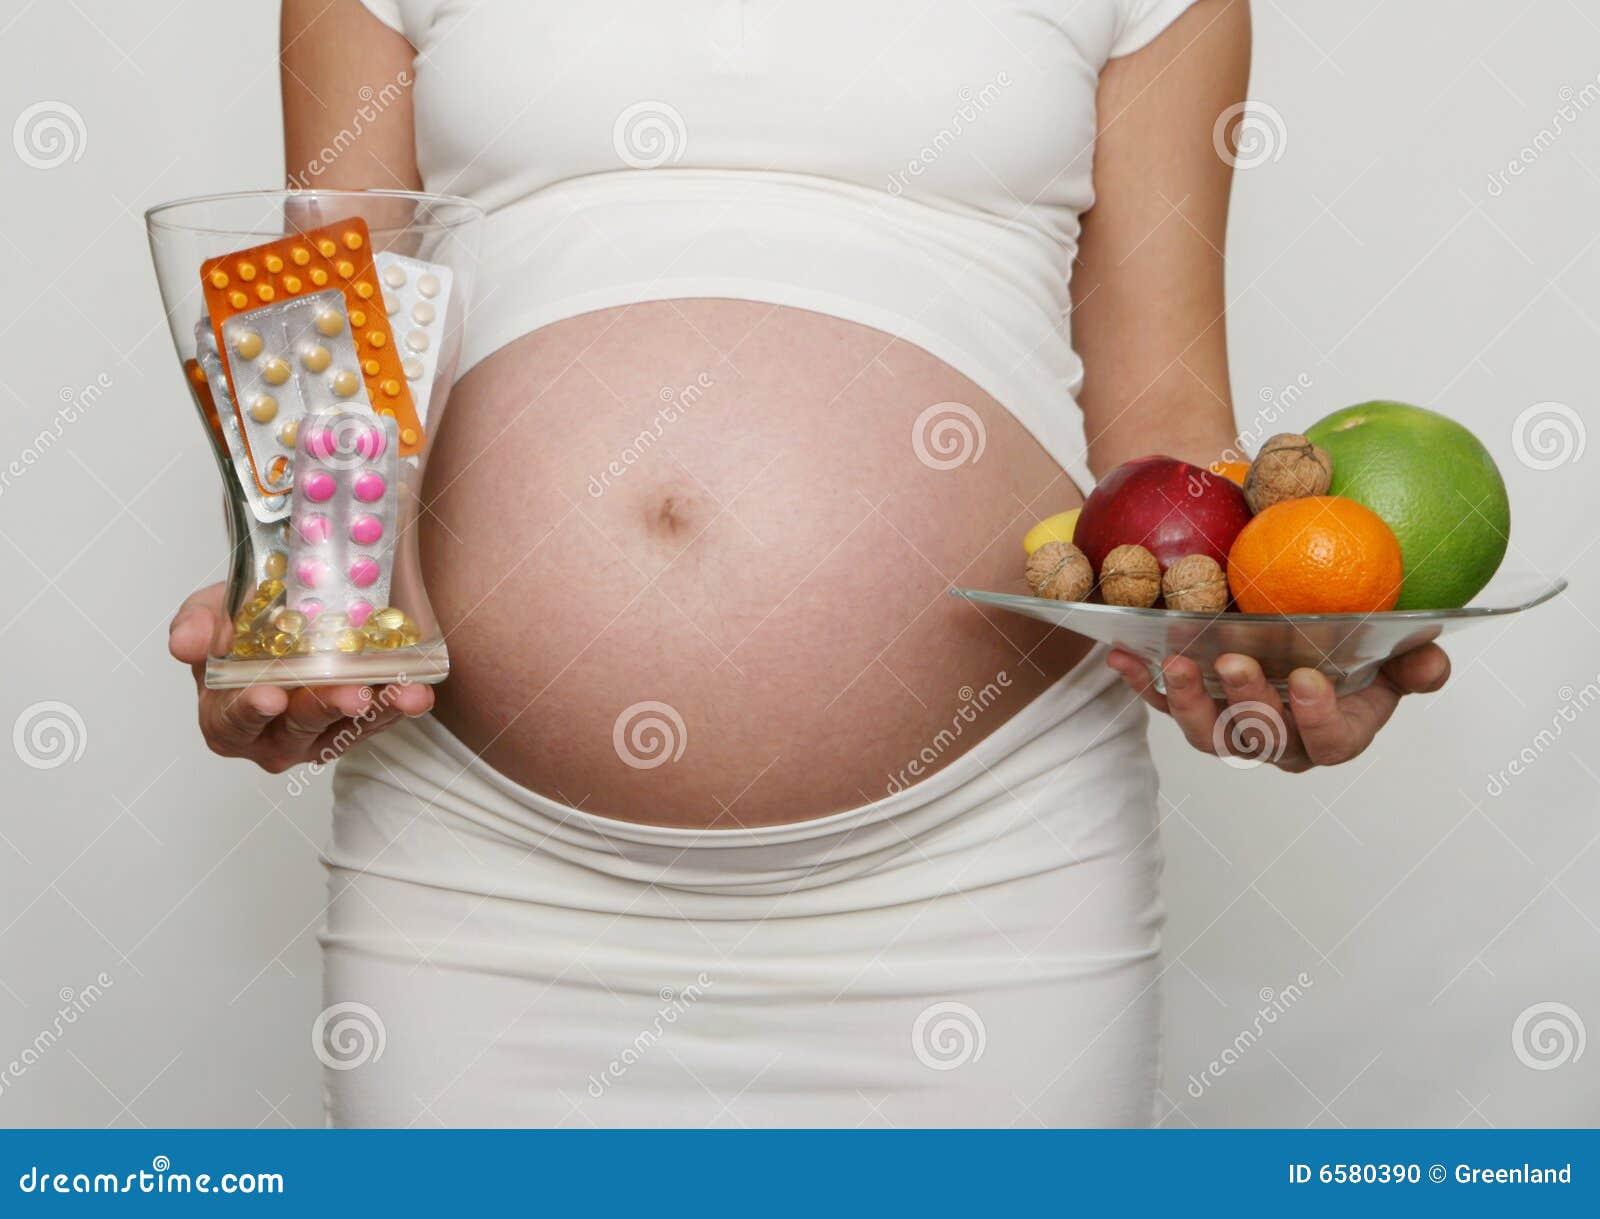 Почему беременным нельзя антибиотики